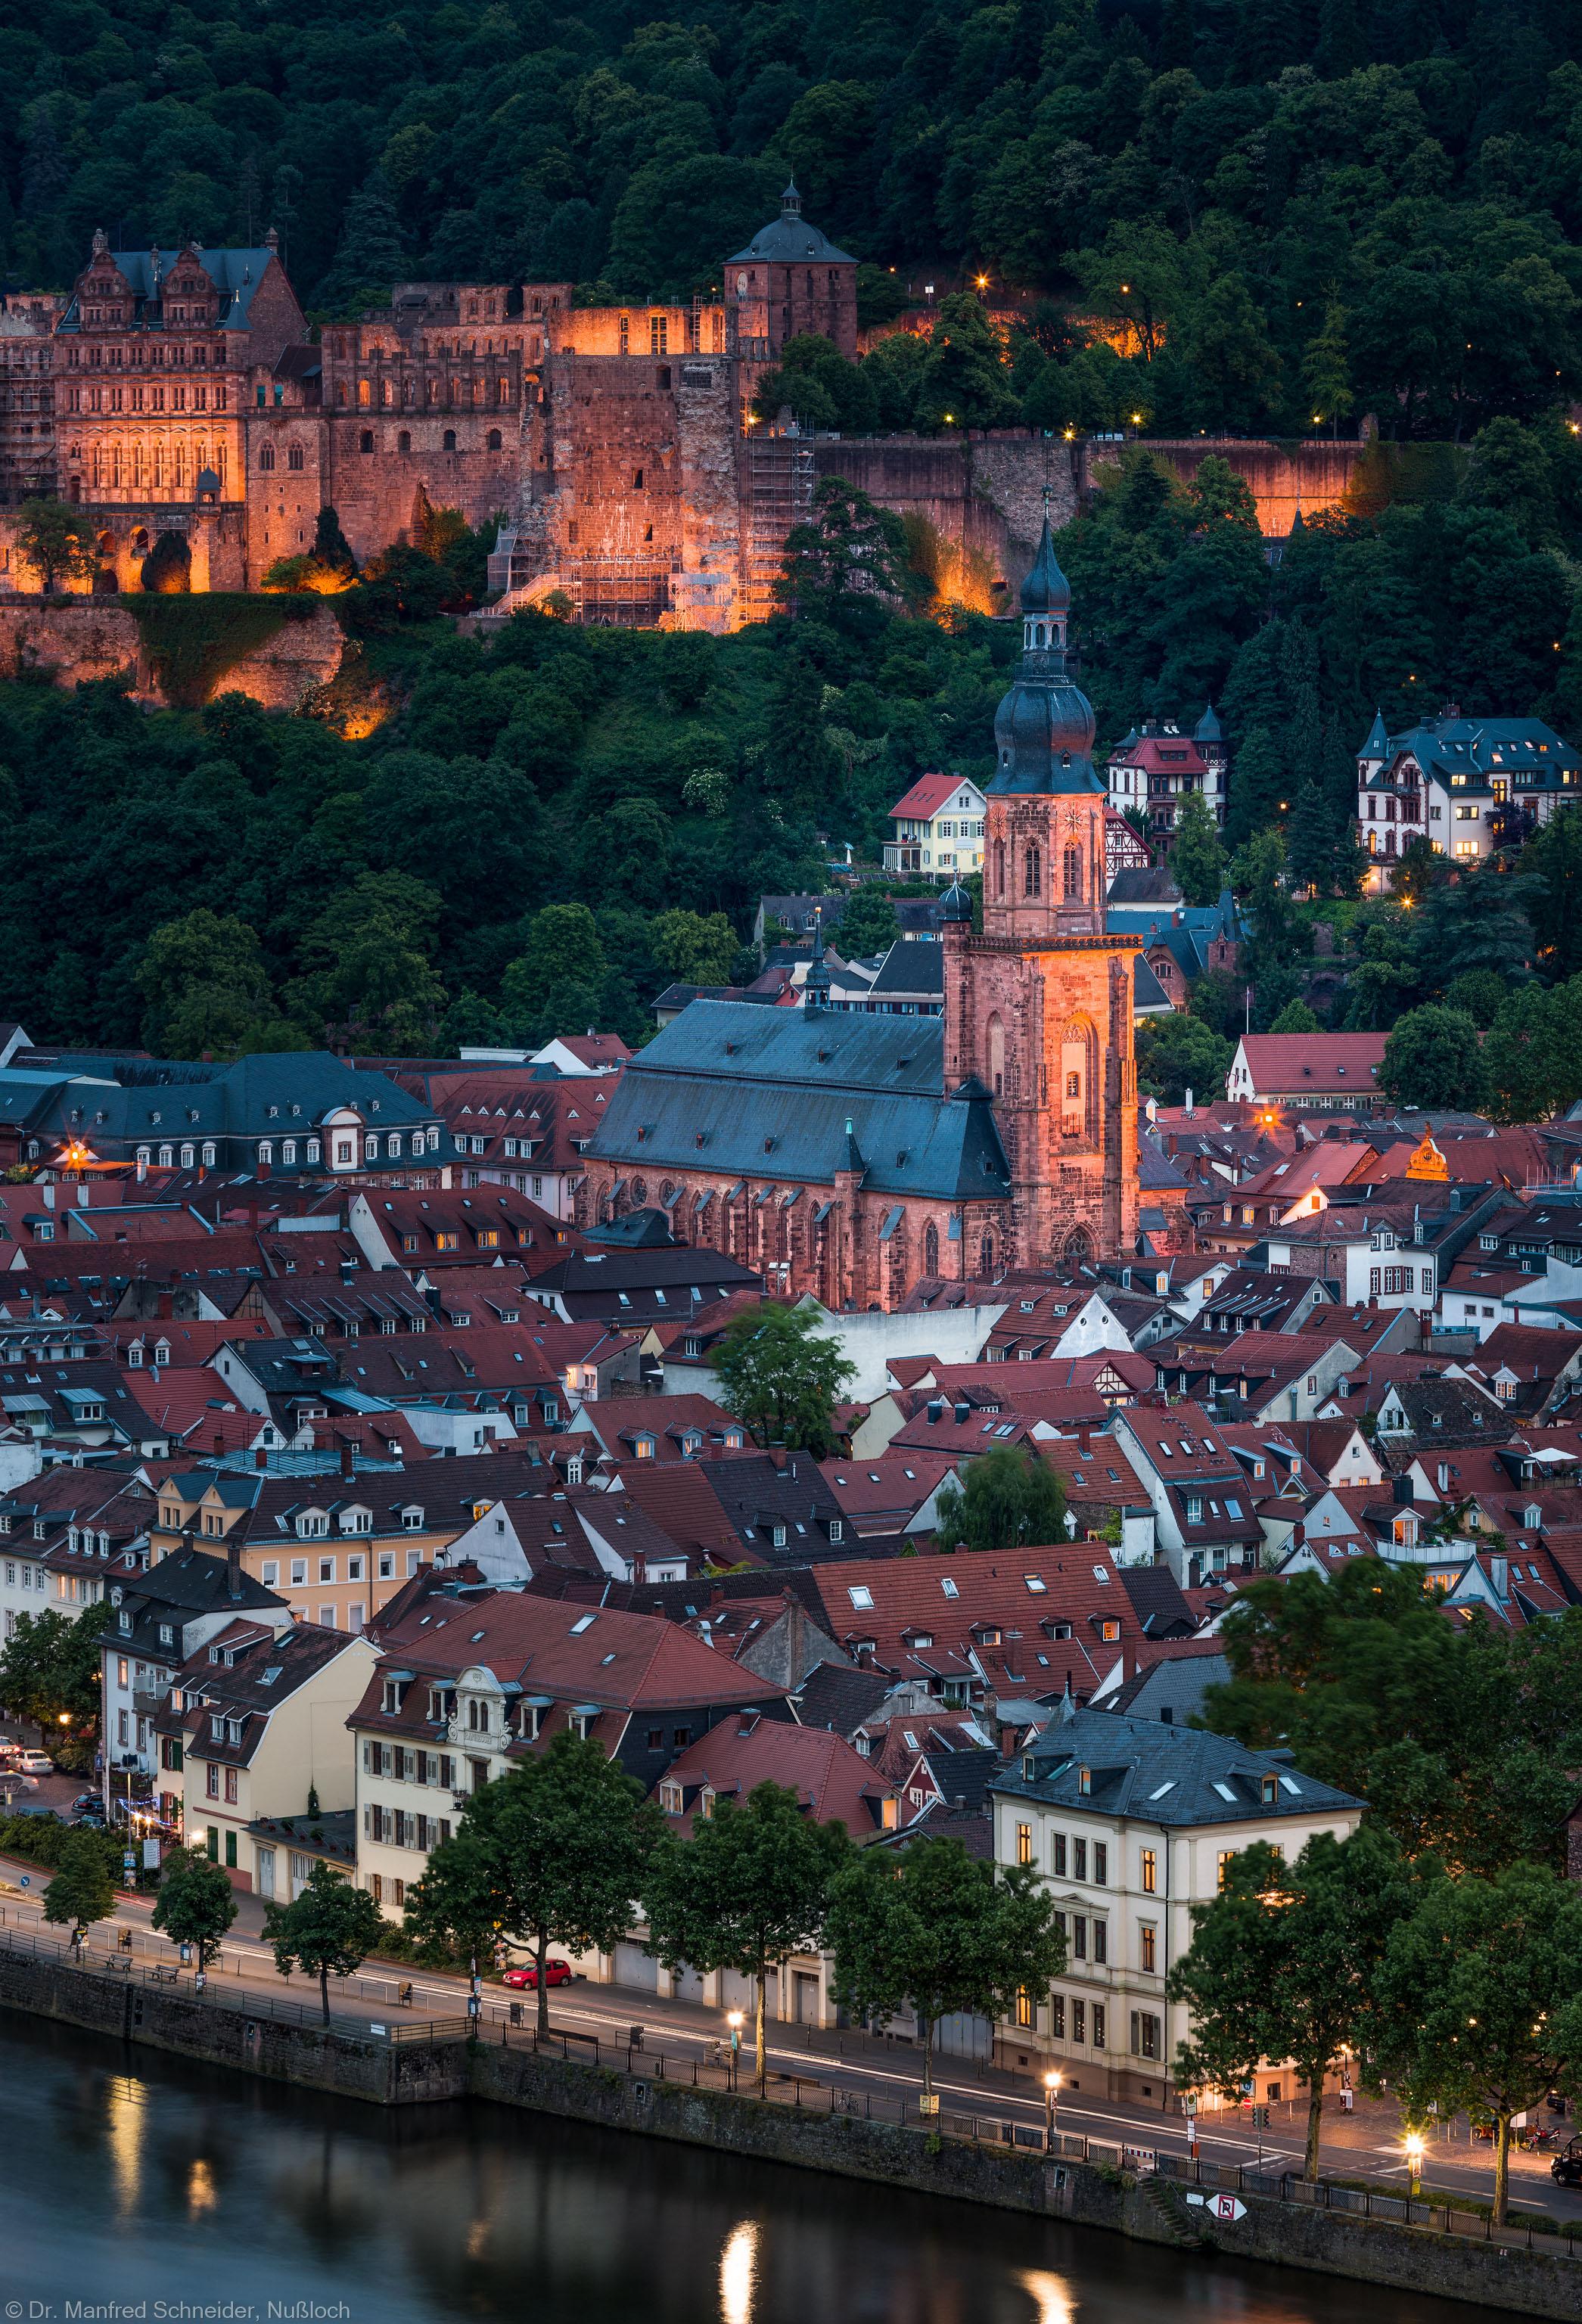 Heidelberg - Heiliggeistkirche - Nordwestseite - Blick vom westlichen Philosophenweg auf das Schloss, die Altstadt und die Heiliggeistkirche (aufgenommen im Mai 2014, am Abend)